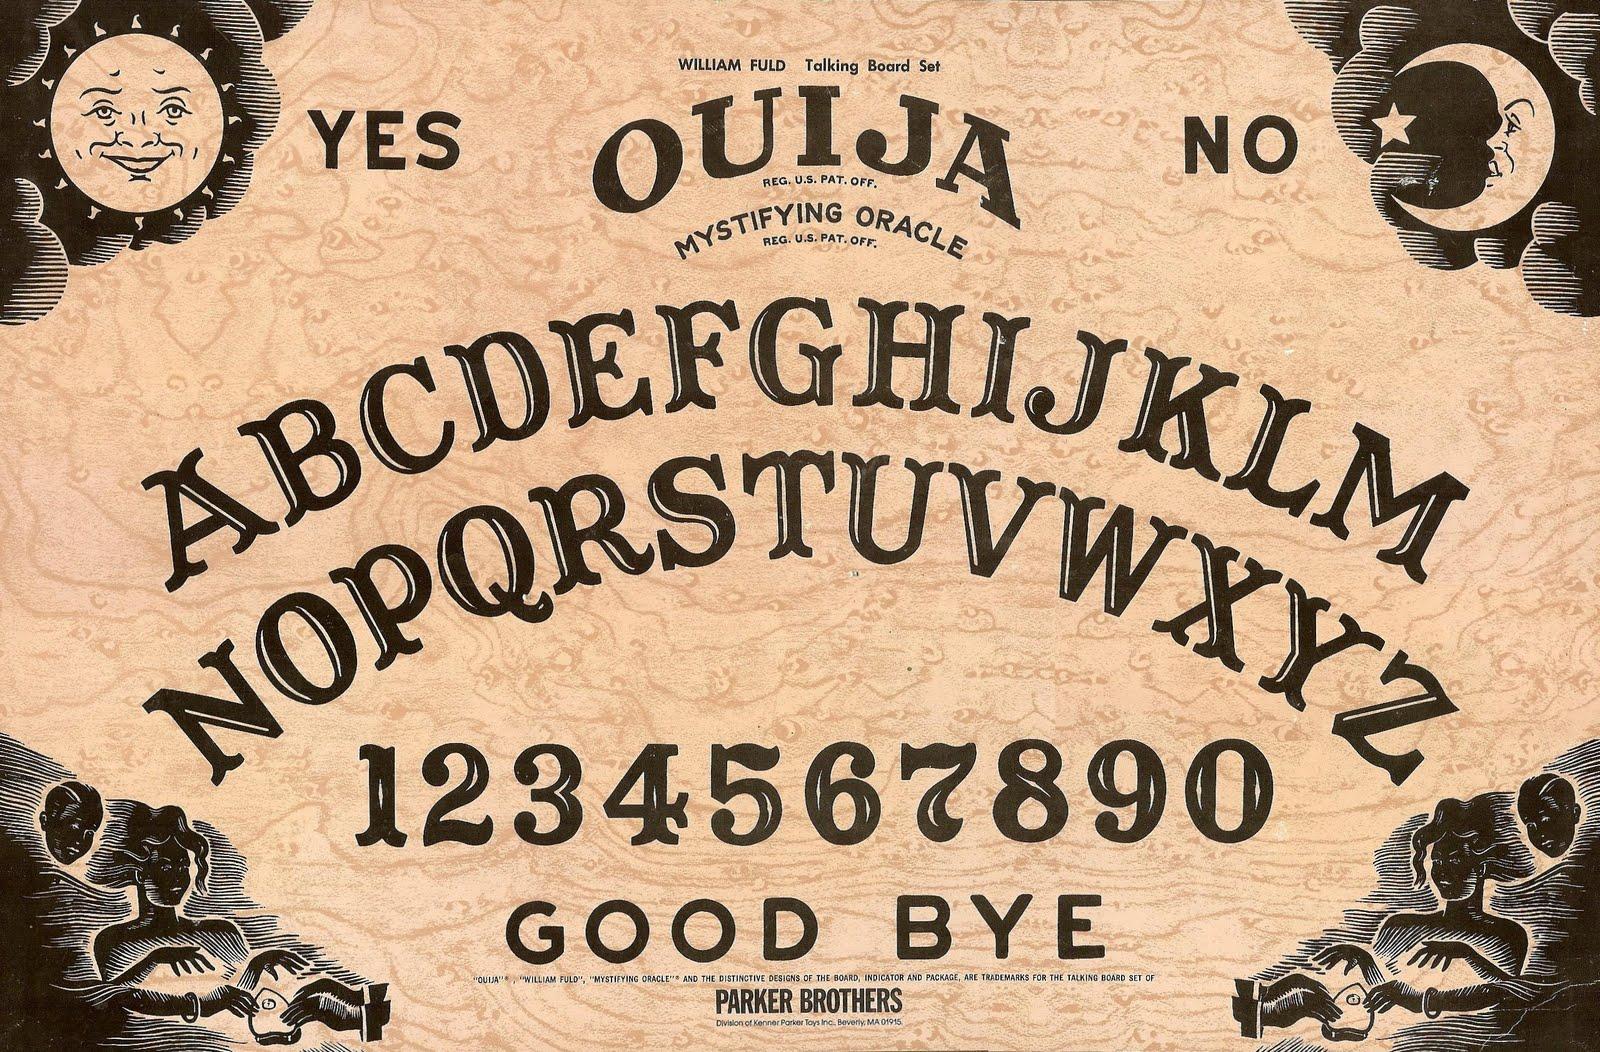 jugar ouija ahora: